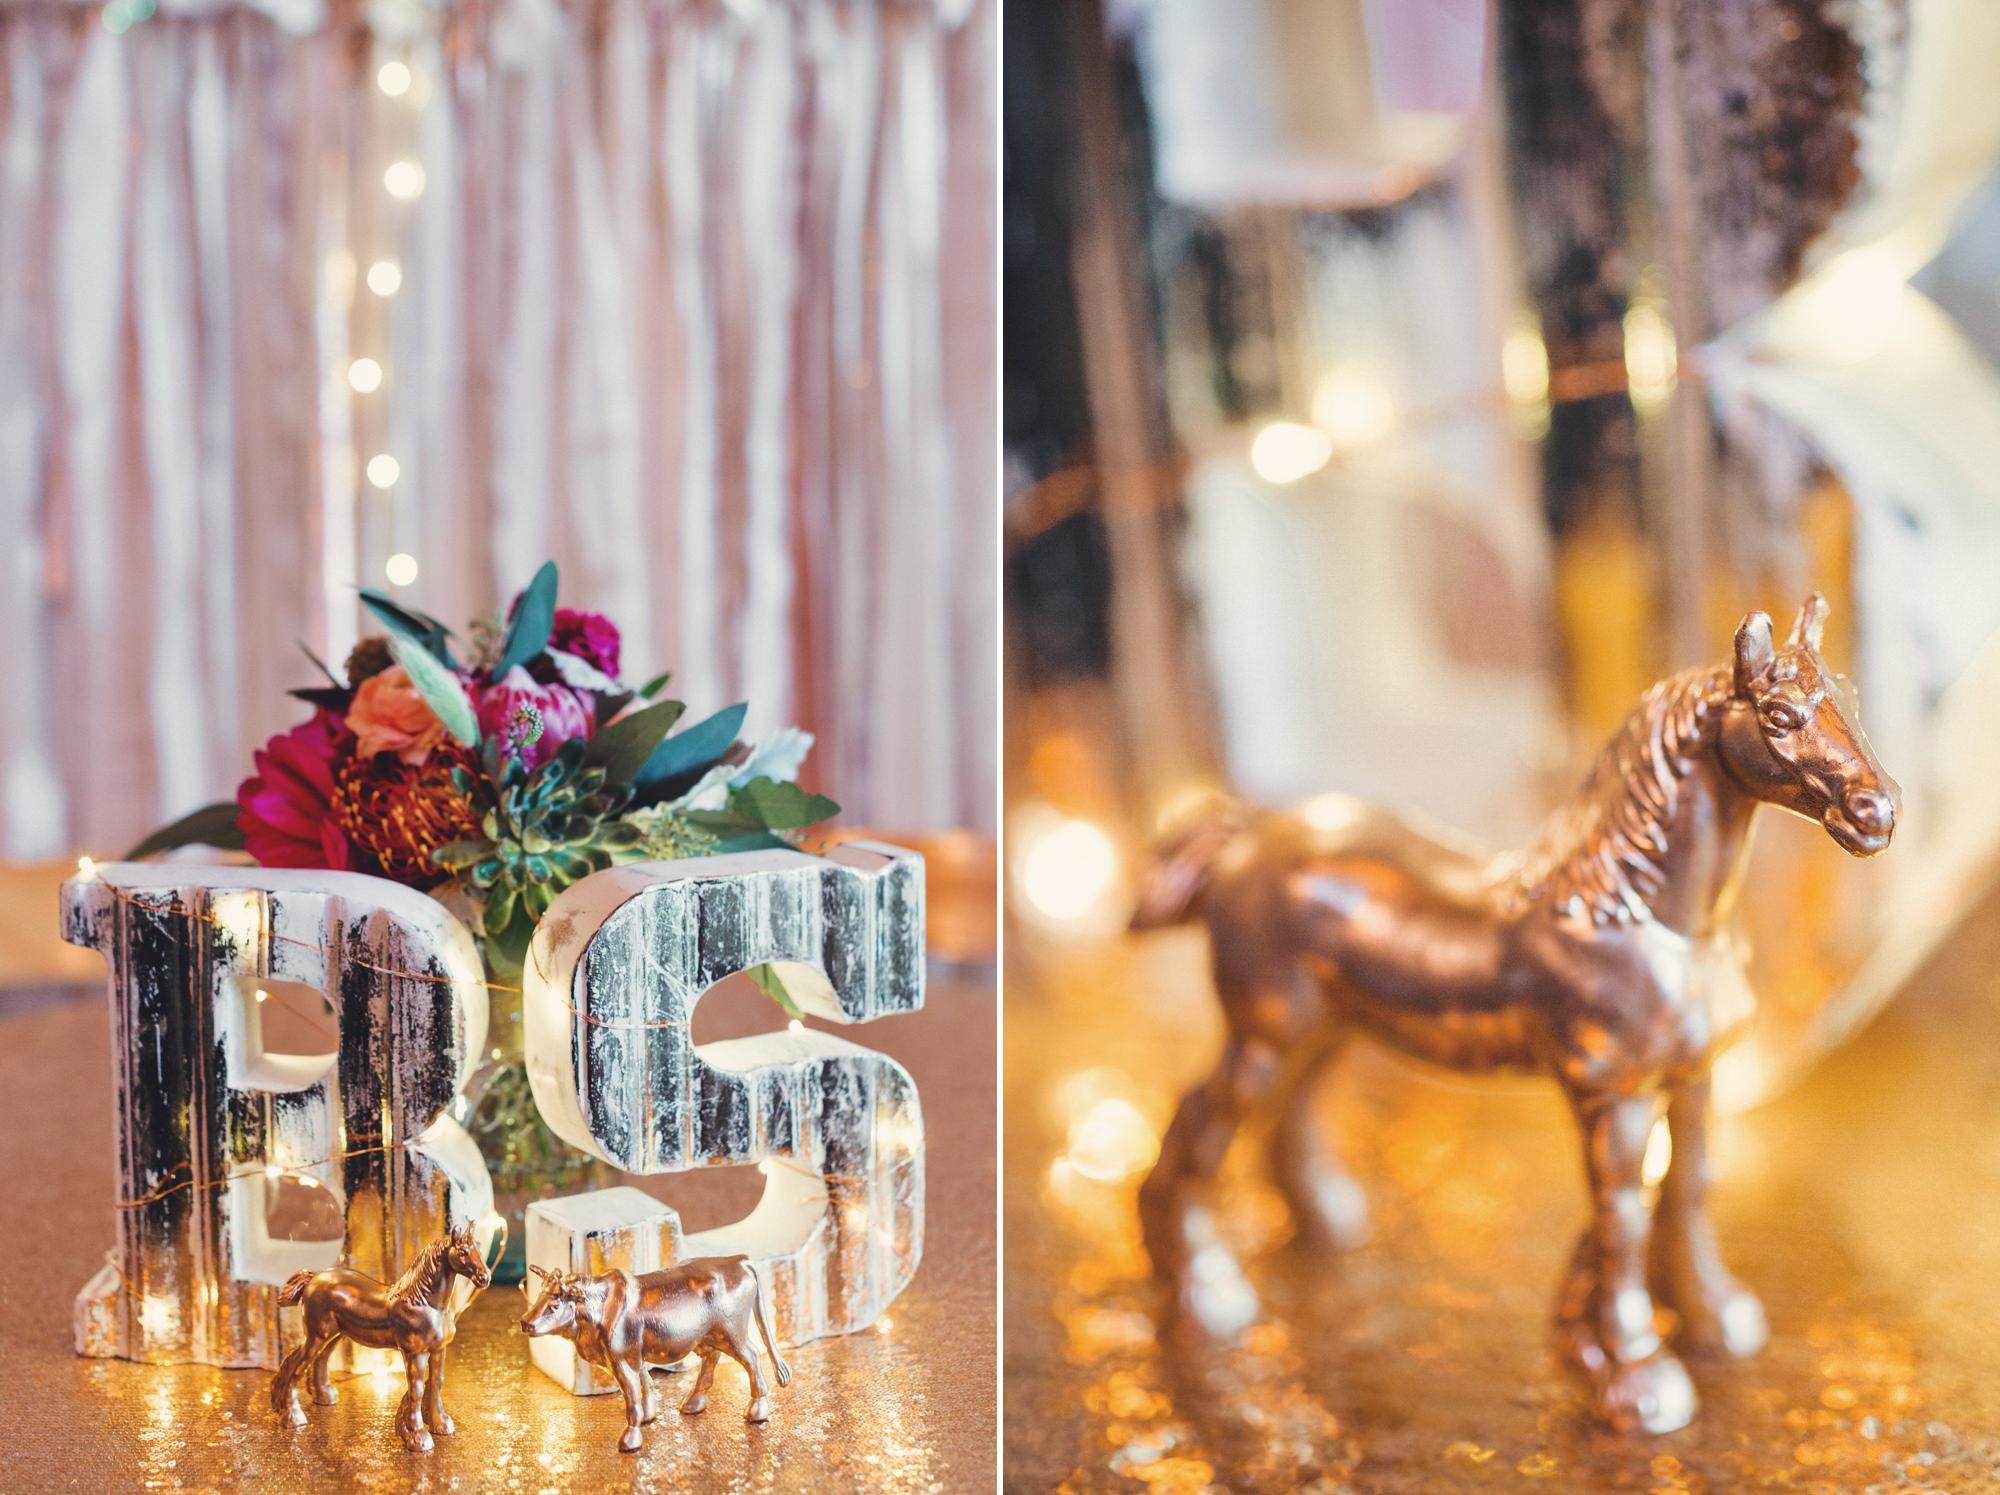 Tobys-Feed-Barn-Wedding-Anne-Claire-Brun-122.jpg